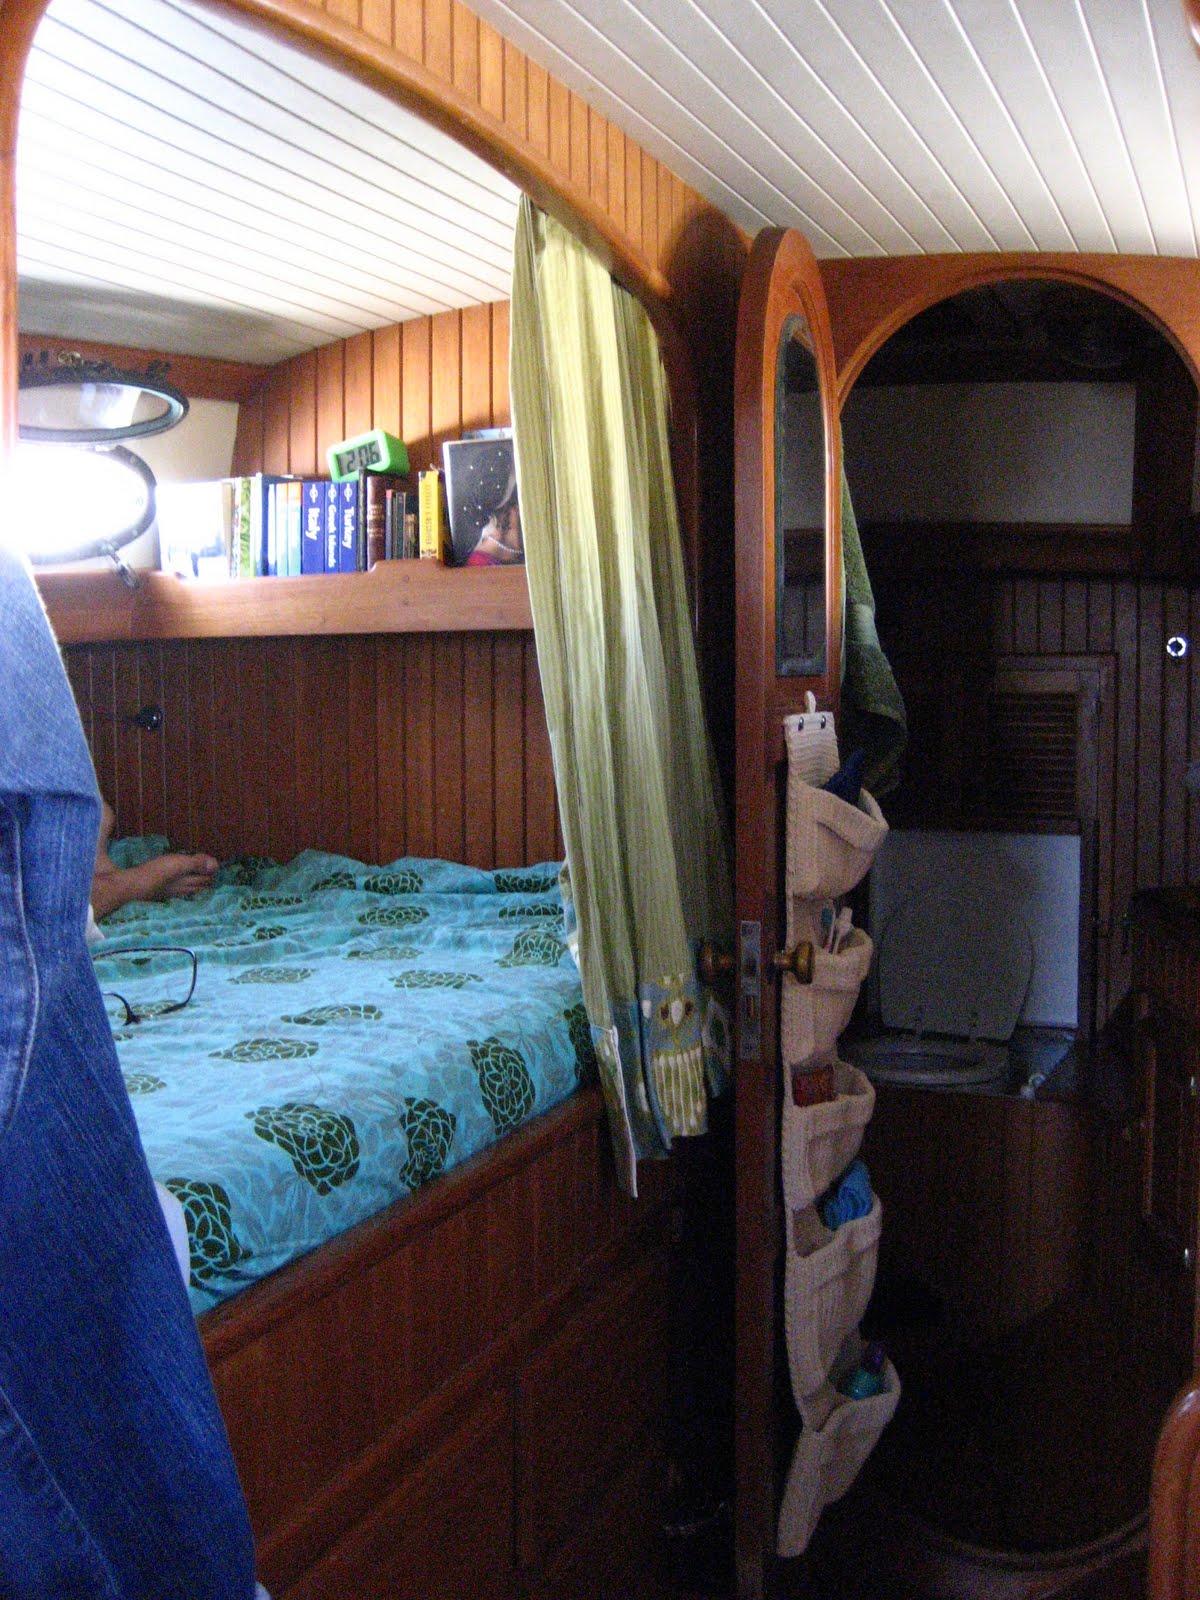 Le Grand Voyage A Sailing Blog A Review Of Sailboats